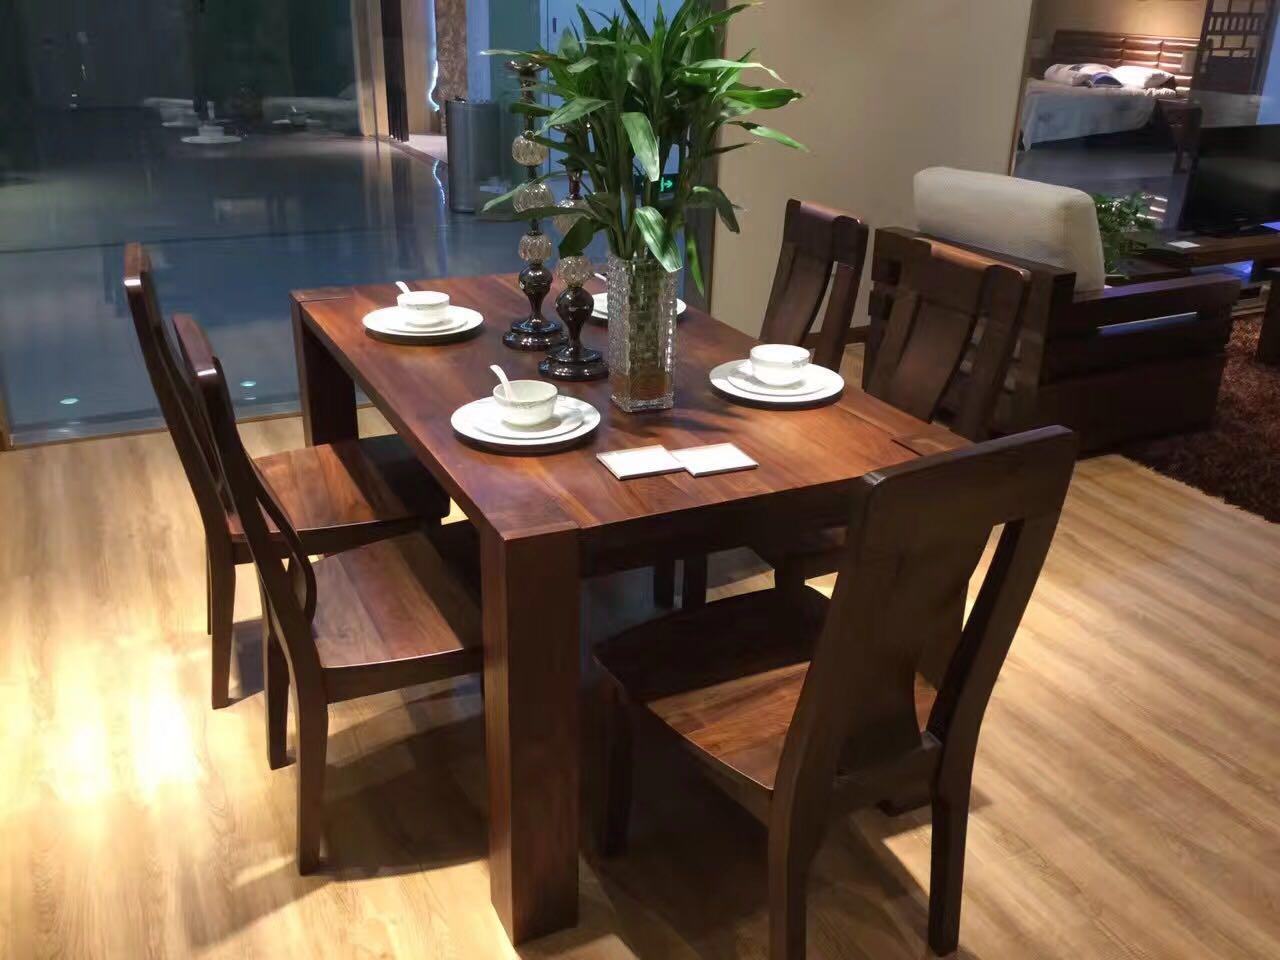 口碑好北美黑胡桃餐臺多少錢 和諧共贏「上海名格木業供應」